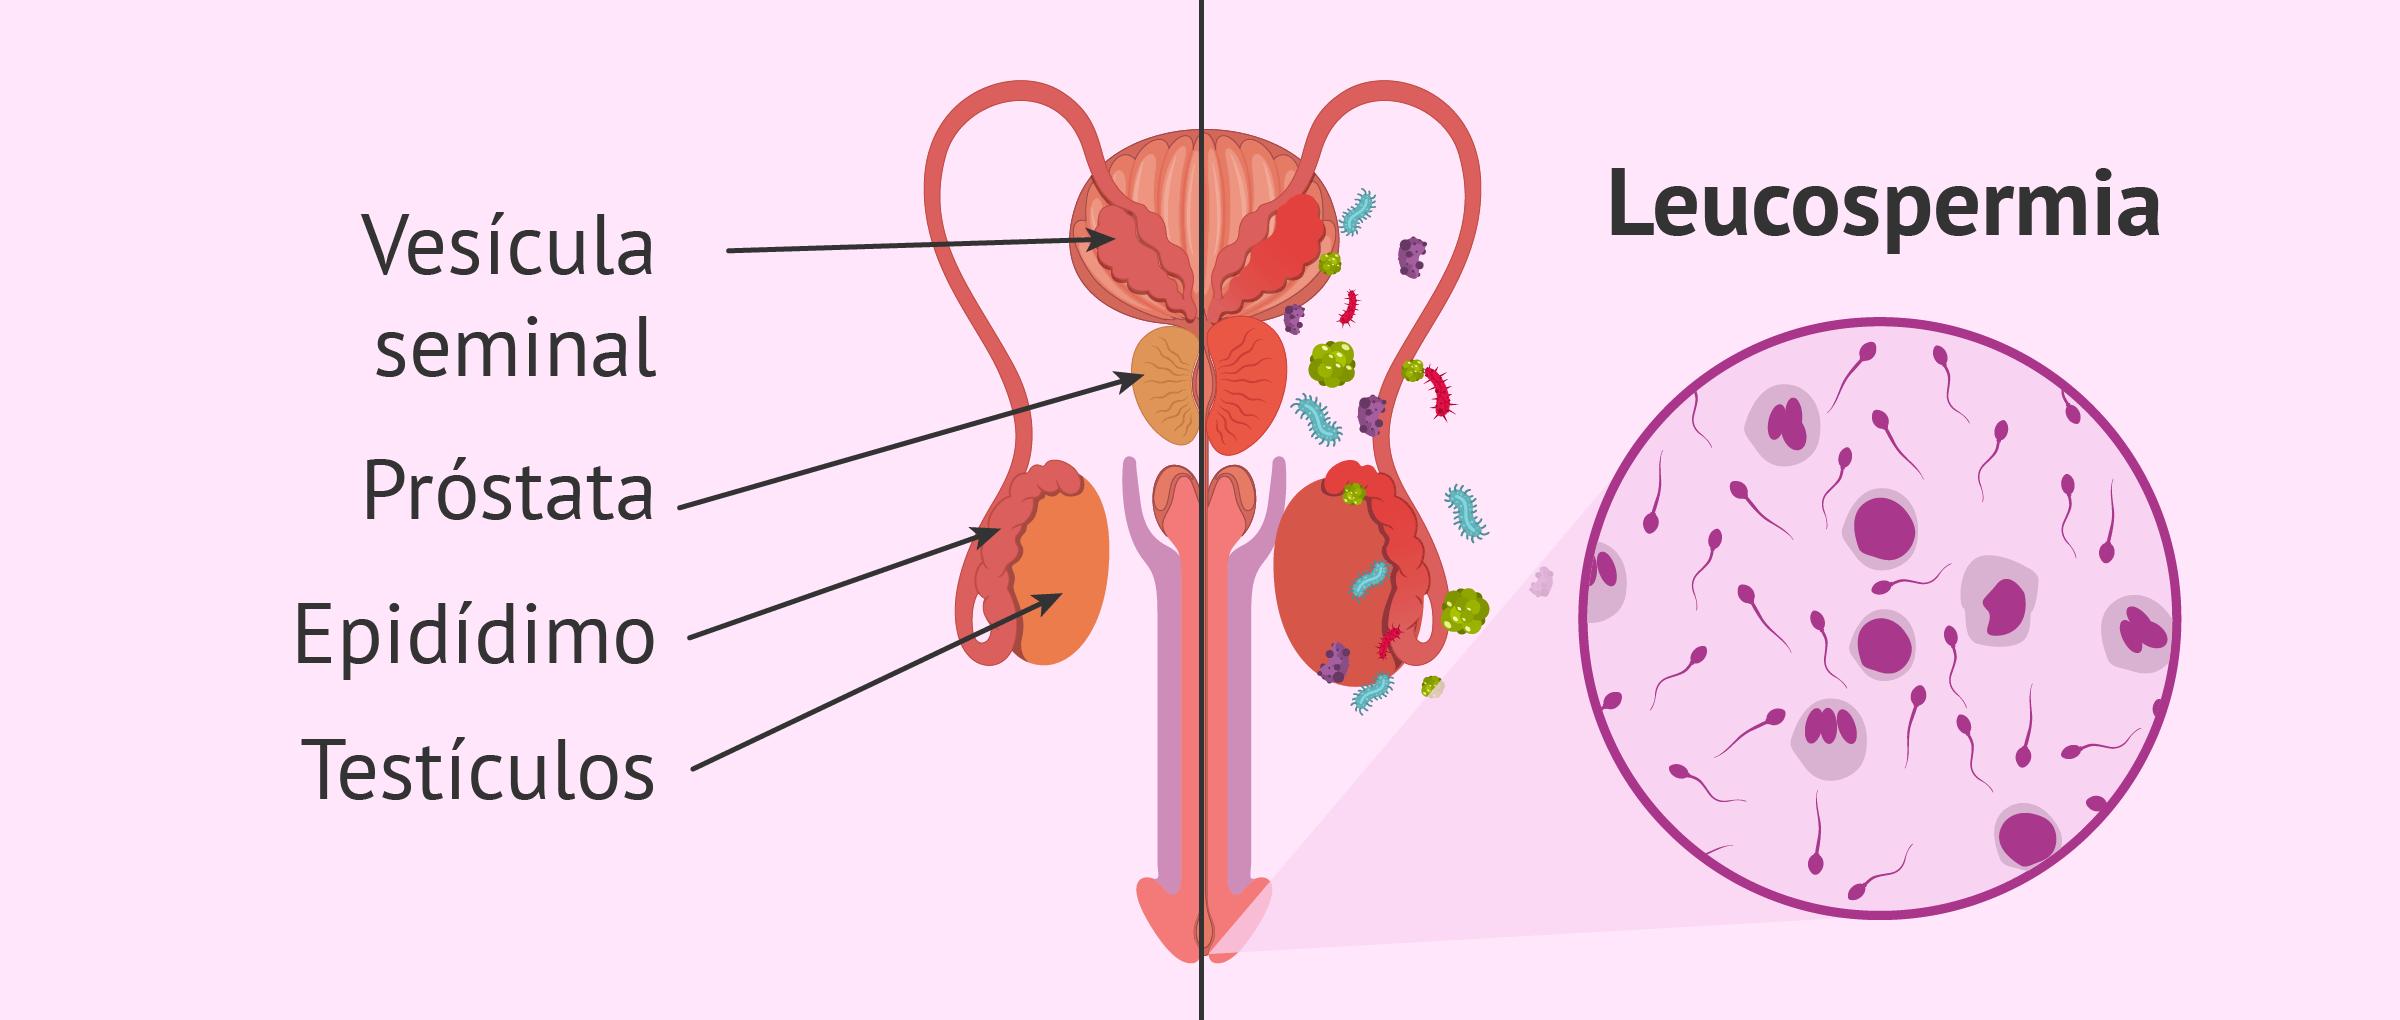 Infección del aparato reproductor masculino y leucospermia